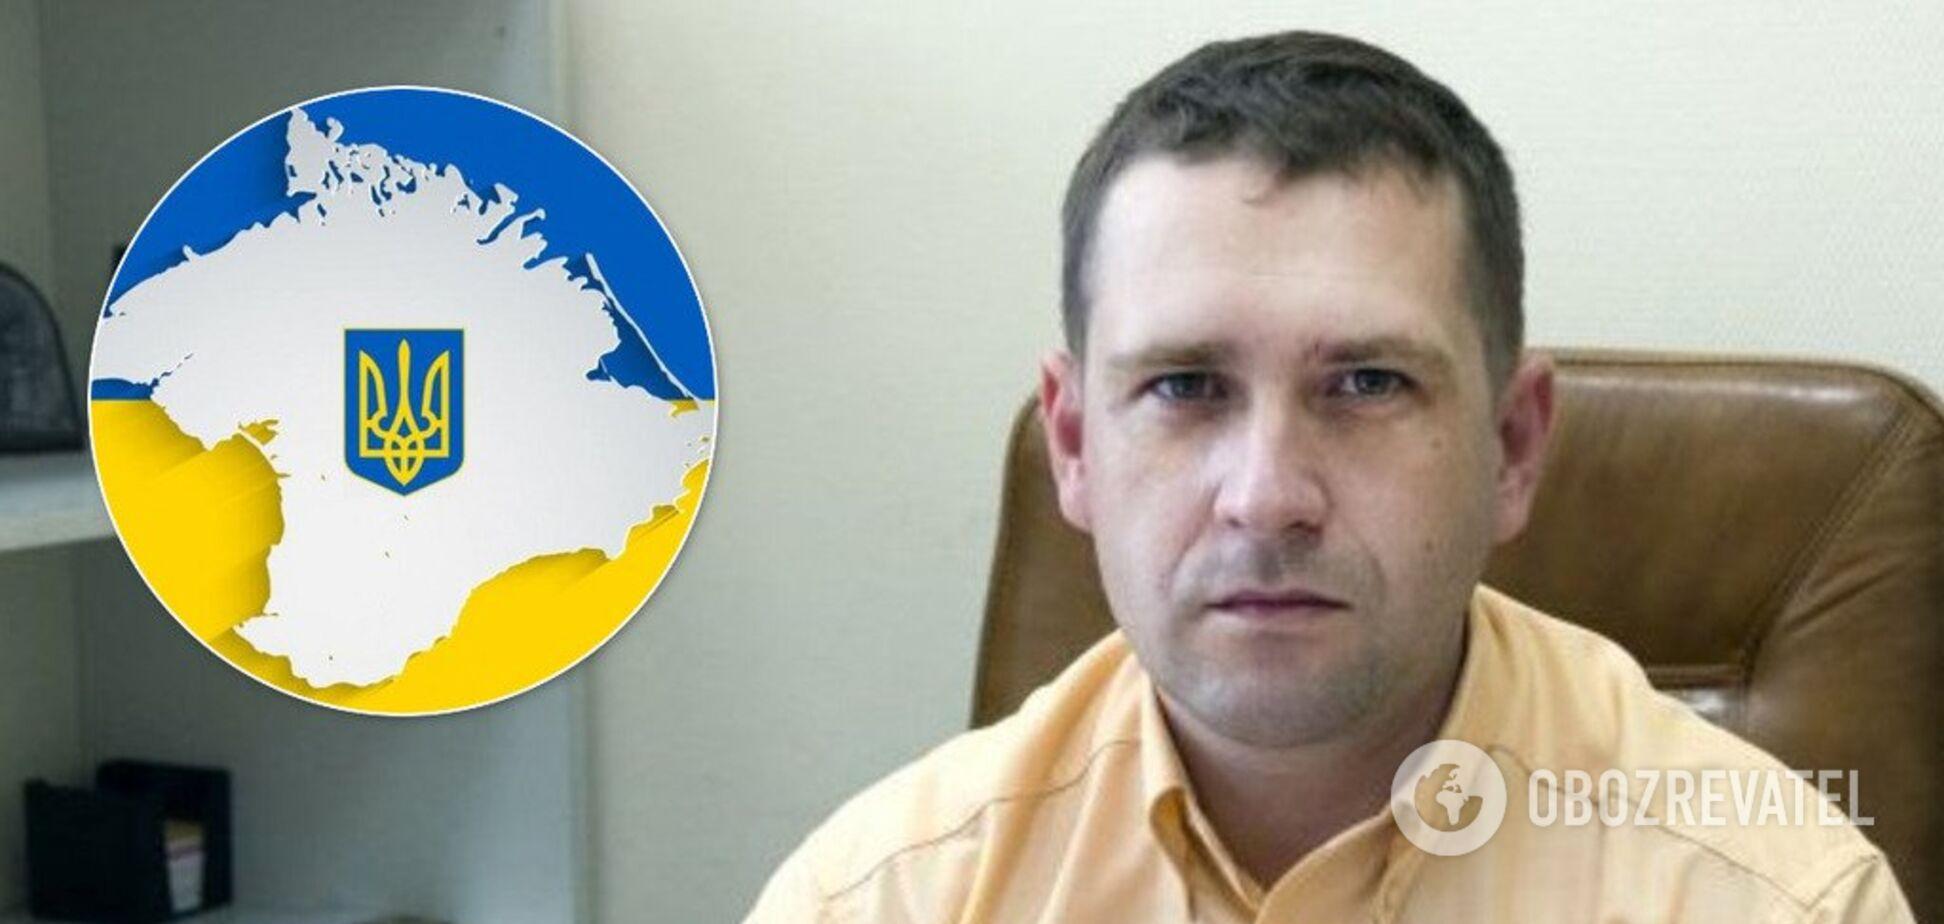 Экс-постпреду Порошенко в Крыму сообщили о подозрении